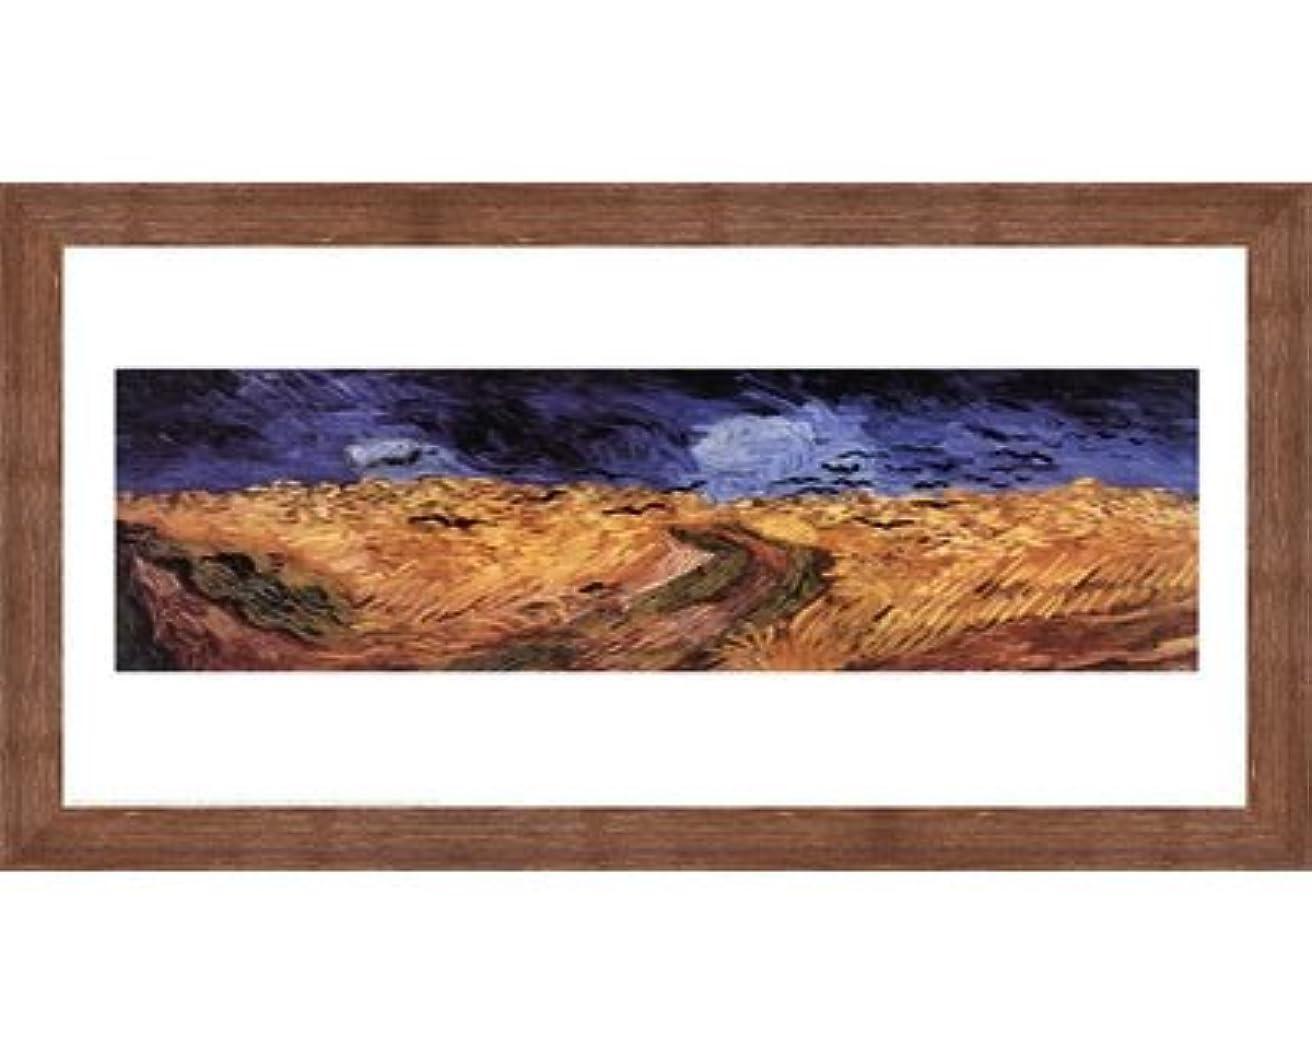 パーフェルビッド社員ガラガラWheatfield with Crows、c.1890 Vincent van Gogh – 30 x 24インチ – アートプリントポスター LE_25136-F10570-30x24